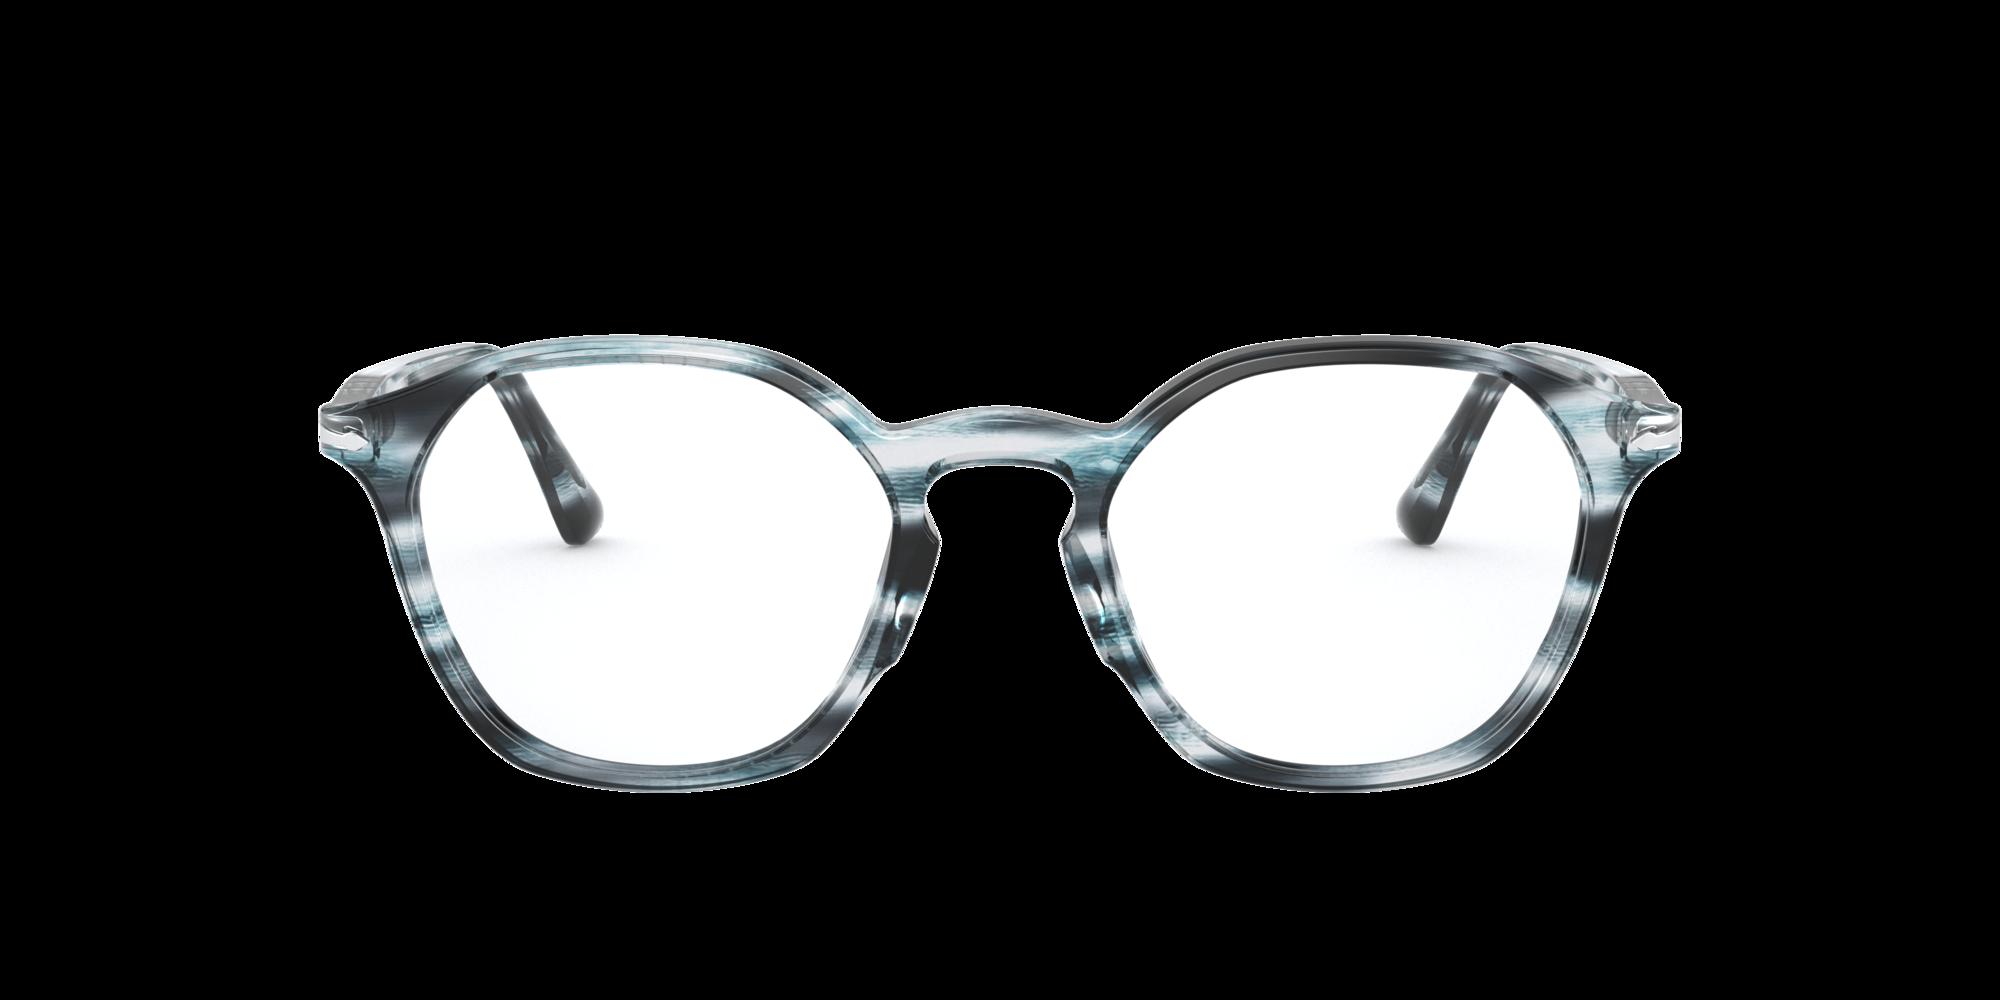 Imagen para PO3238V de LensCrafters |  Espejuelos, espejuelos graduados en línea, gafas